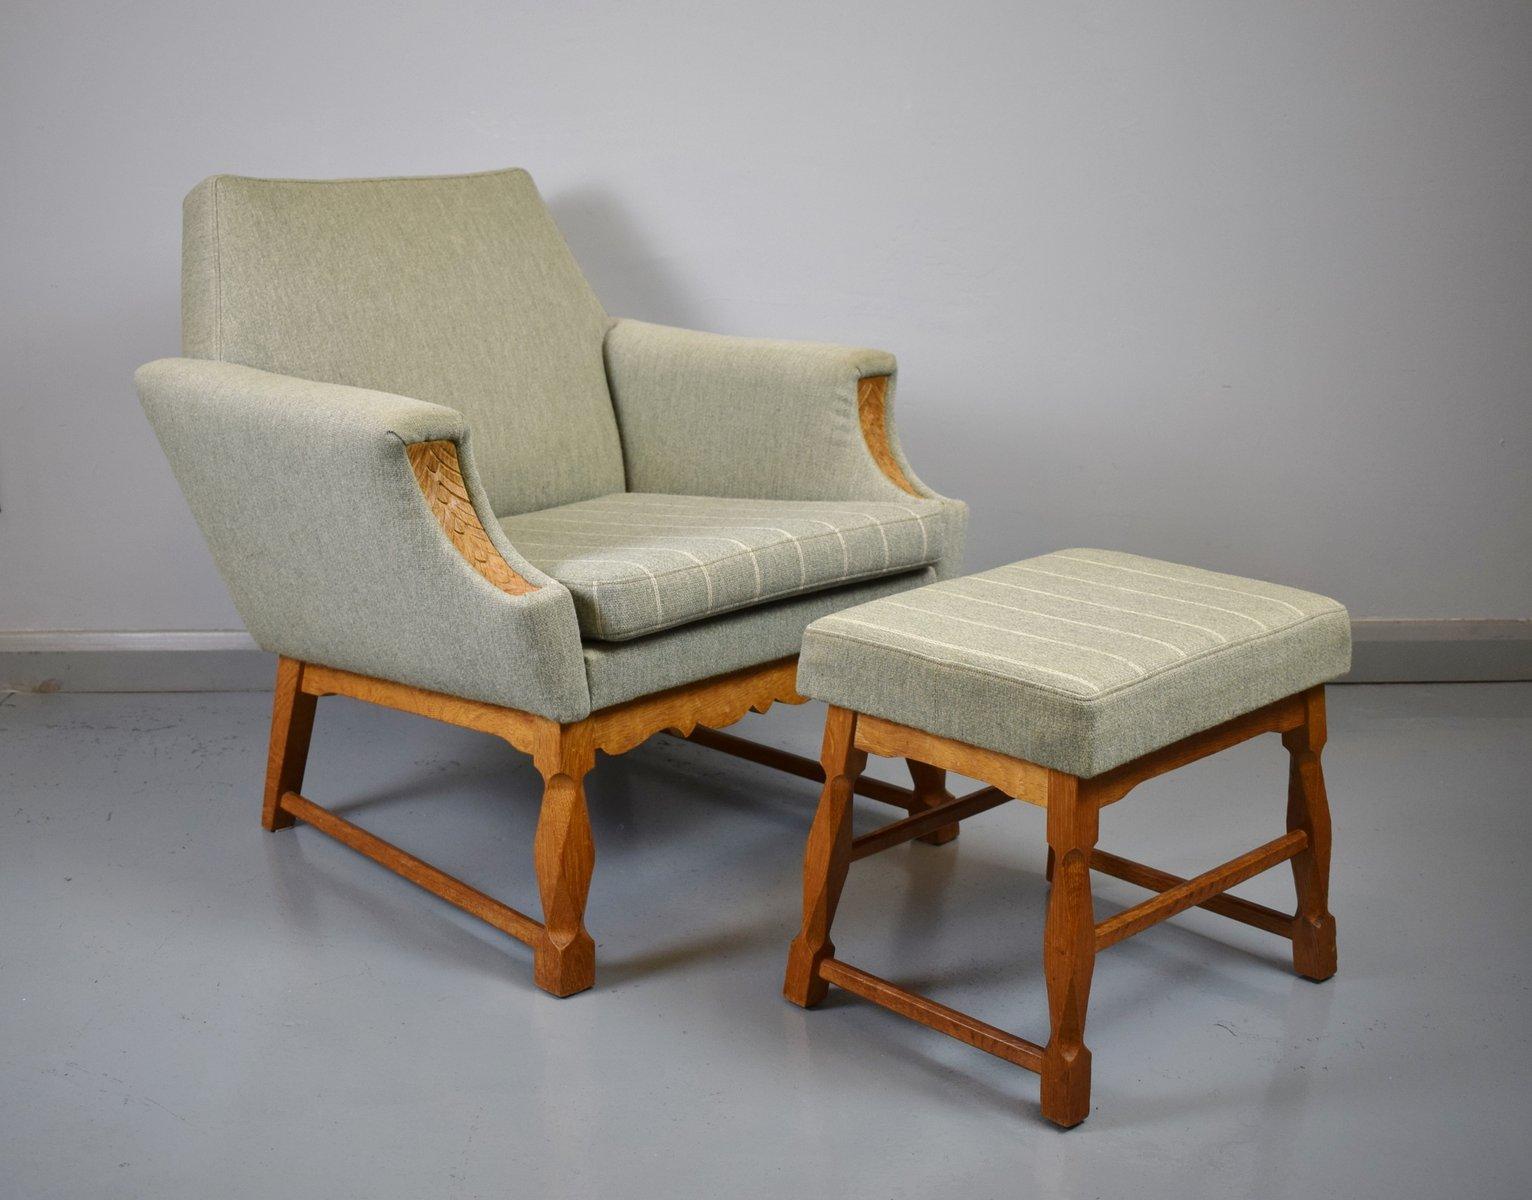 d nischer mid century sessel mit hocker bei pamono kaufen. Black Bedroom Furniture Sets. Home Design Ideas